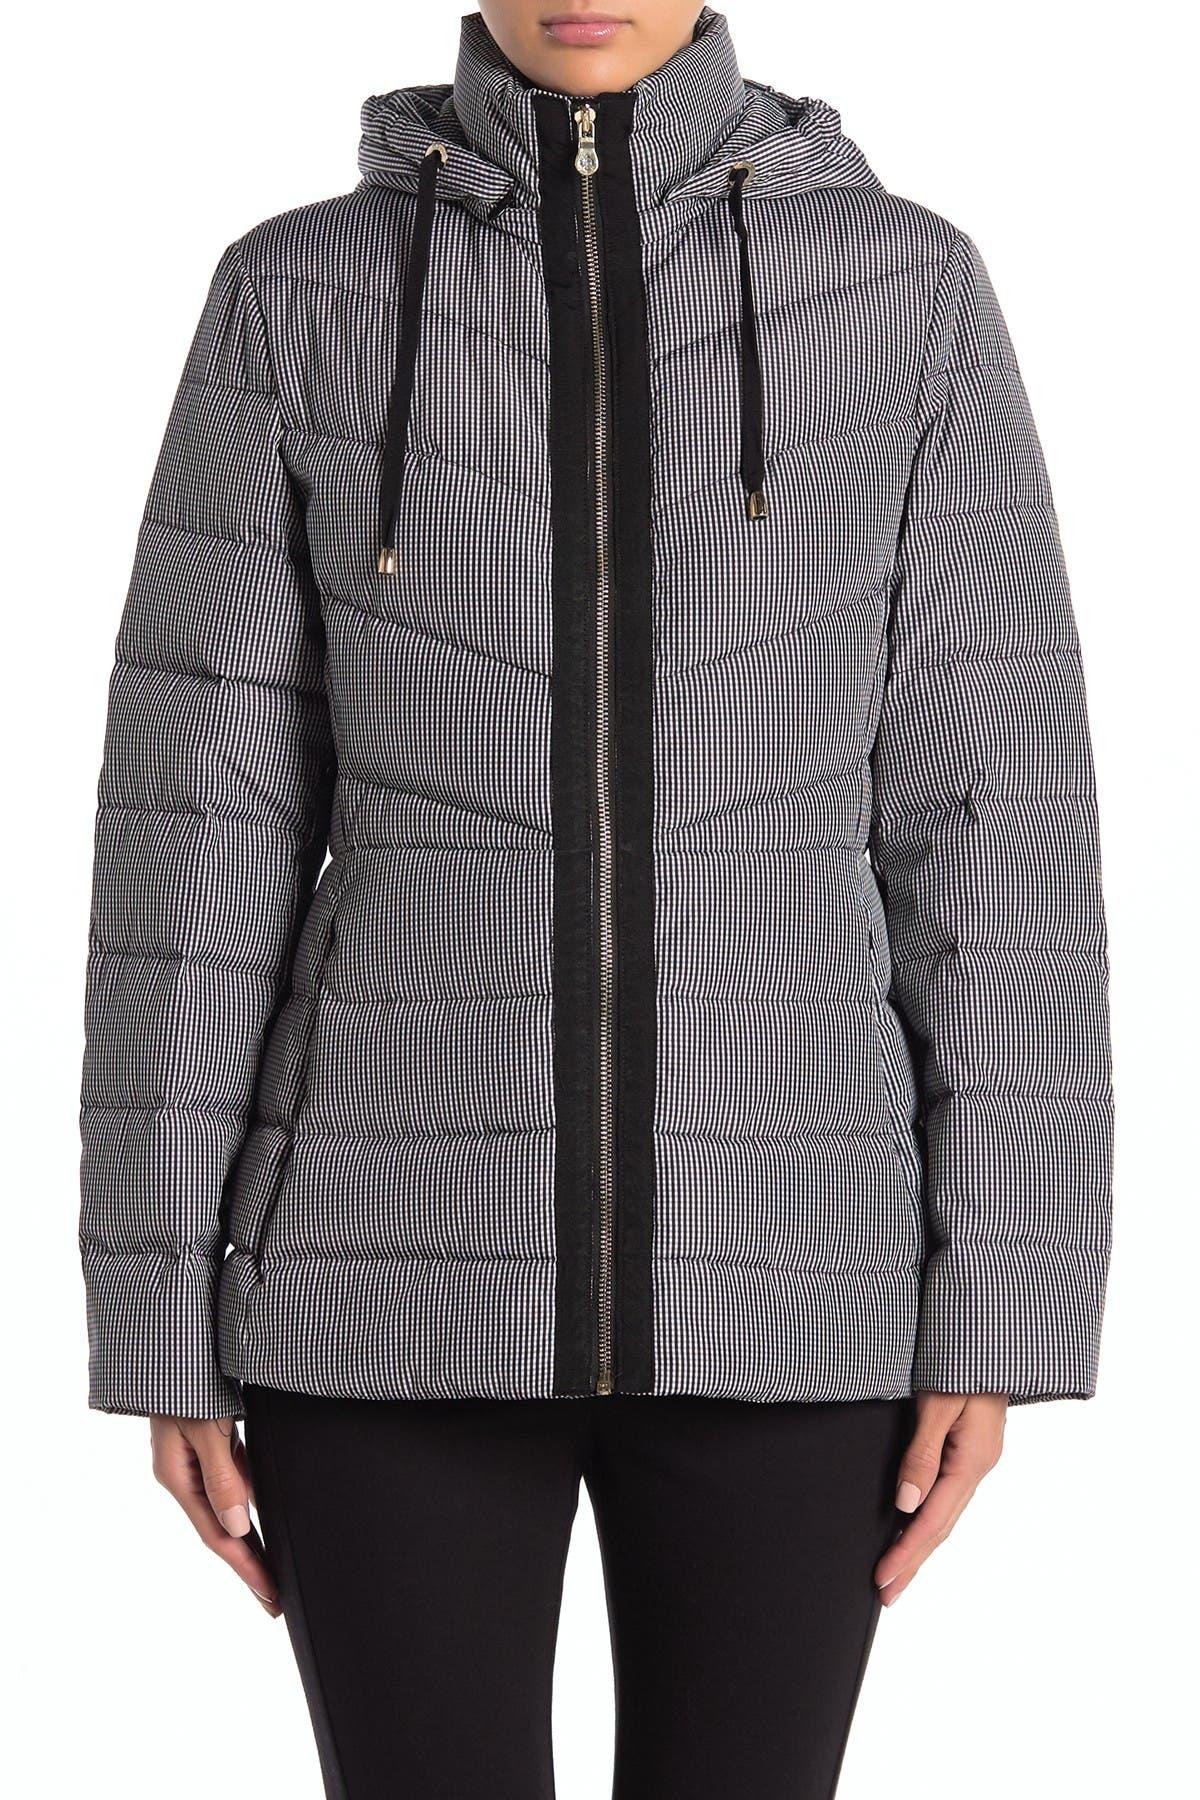 Image of kate spade new york Drawstring Hood Zip Puffer Jacket